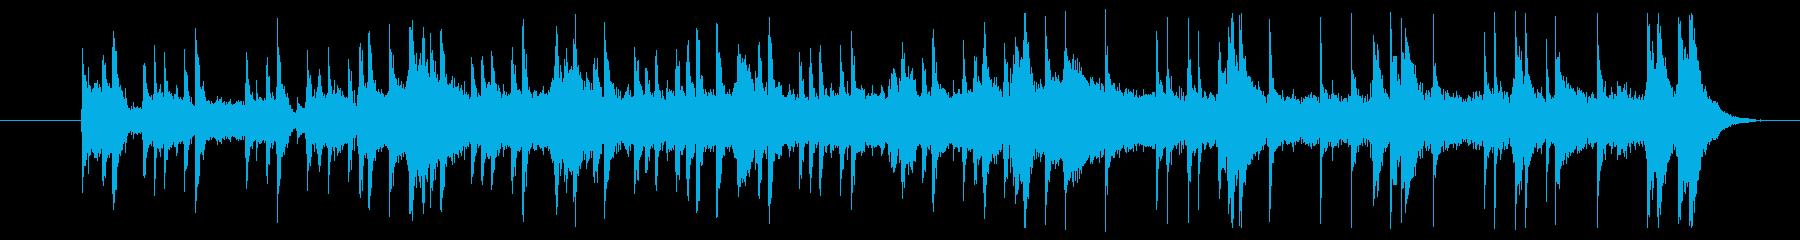 ロックなバンドミュージックの再生済みの波形